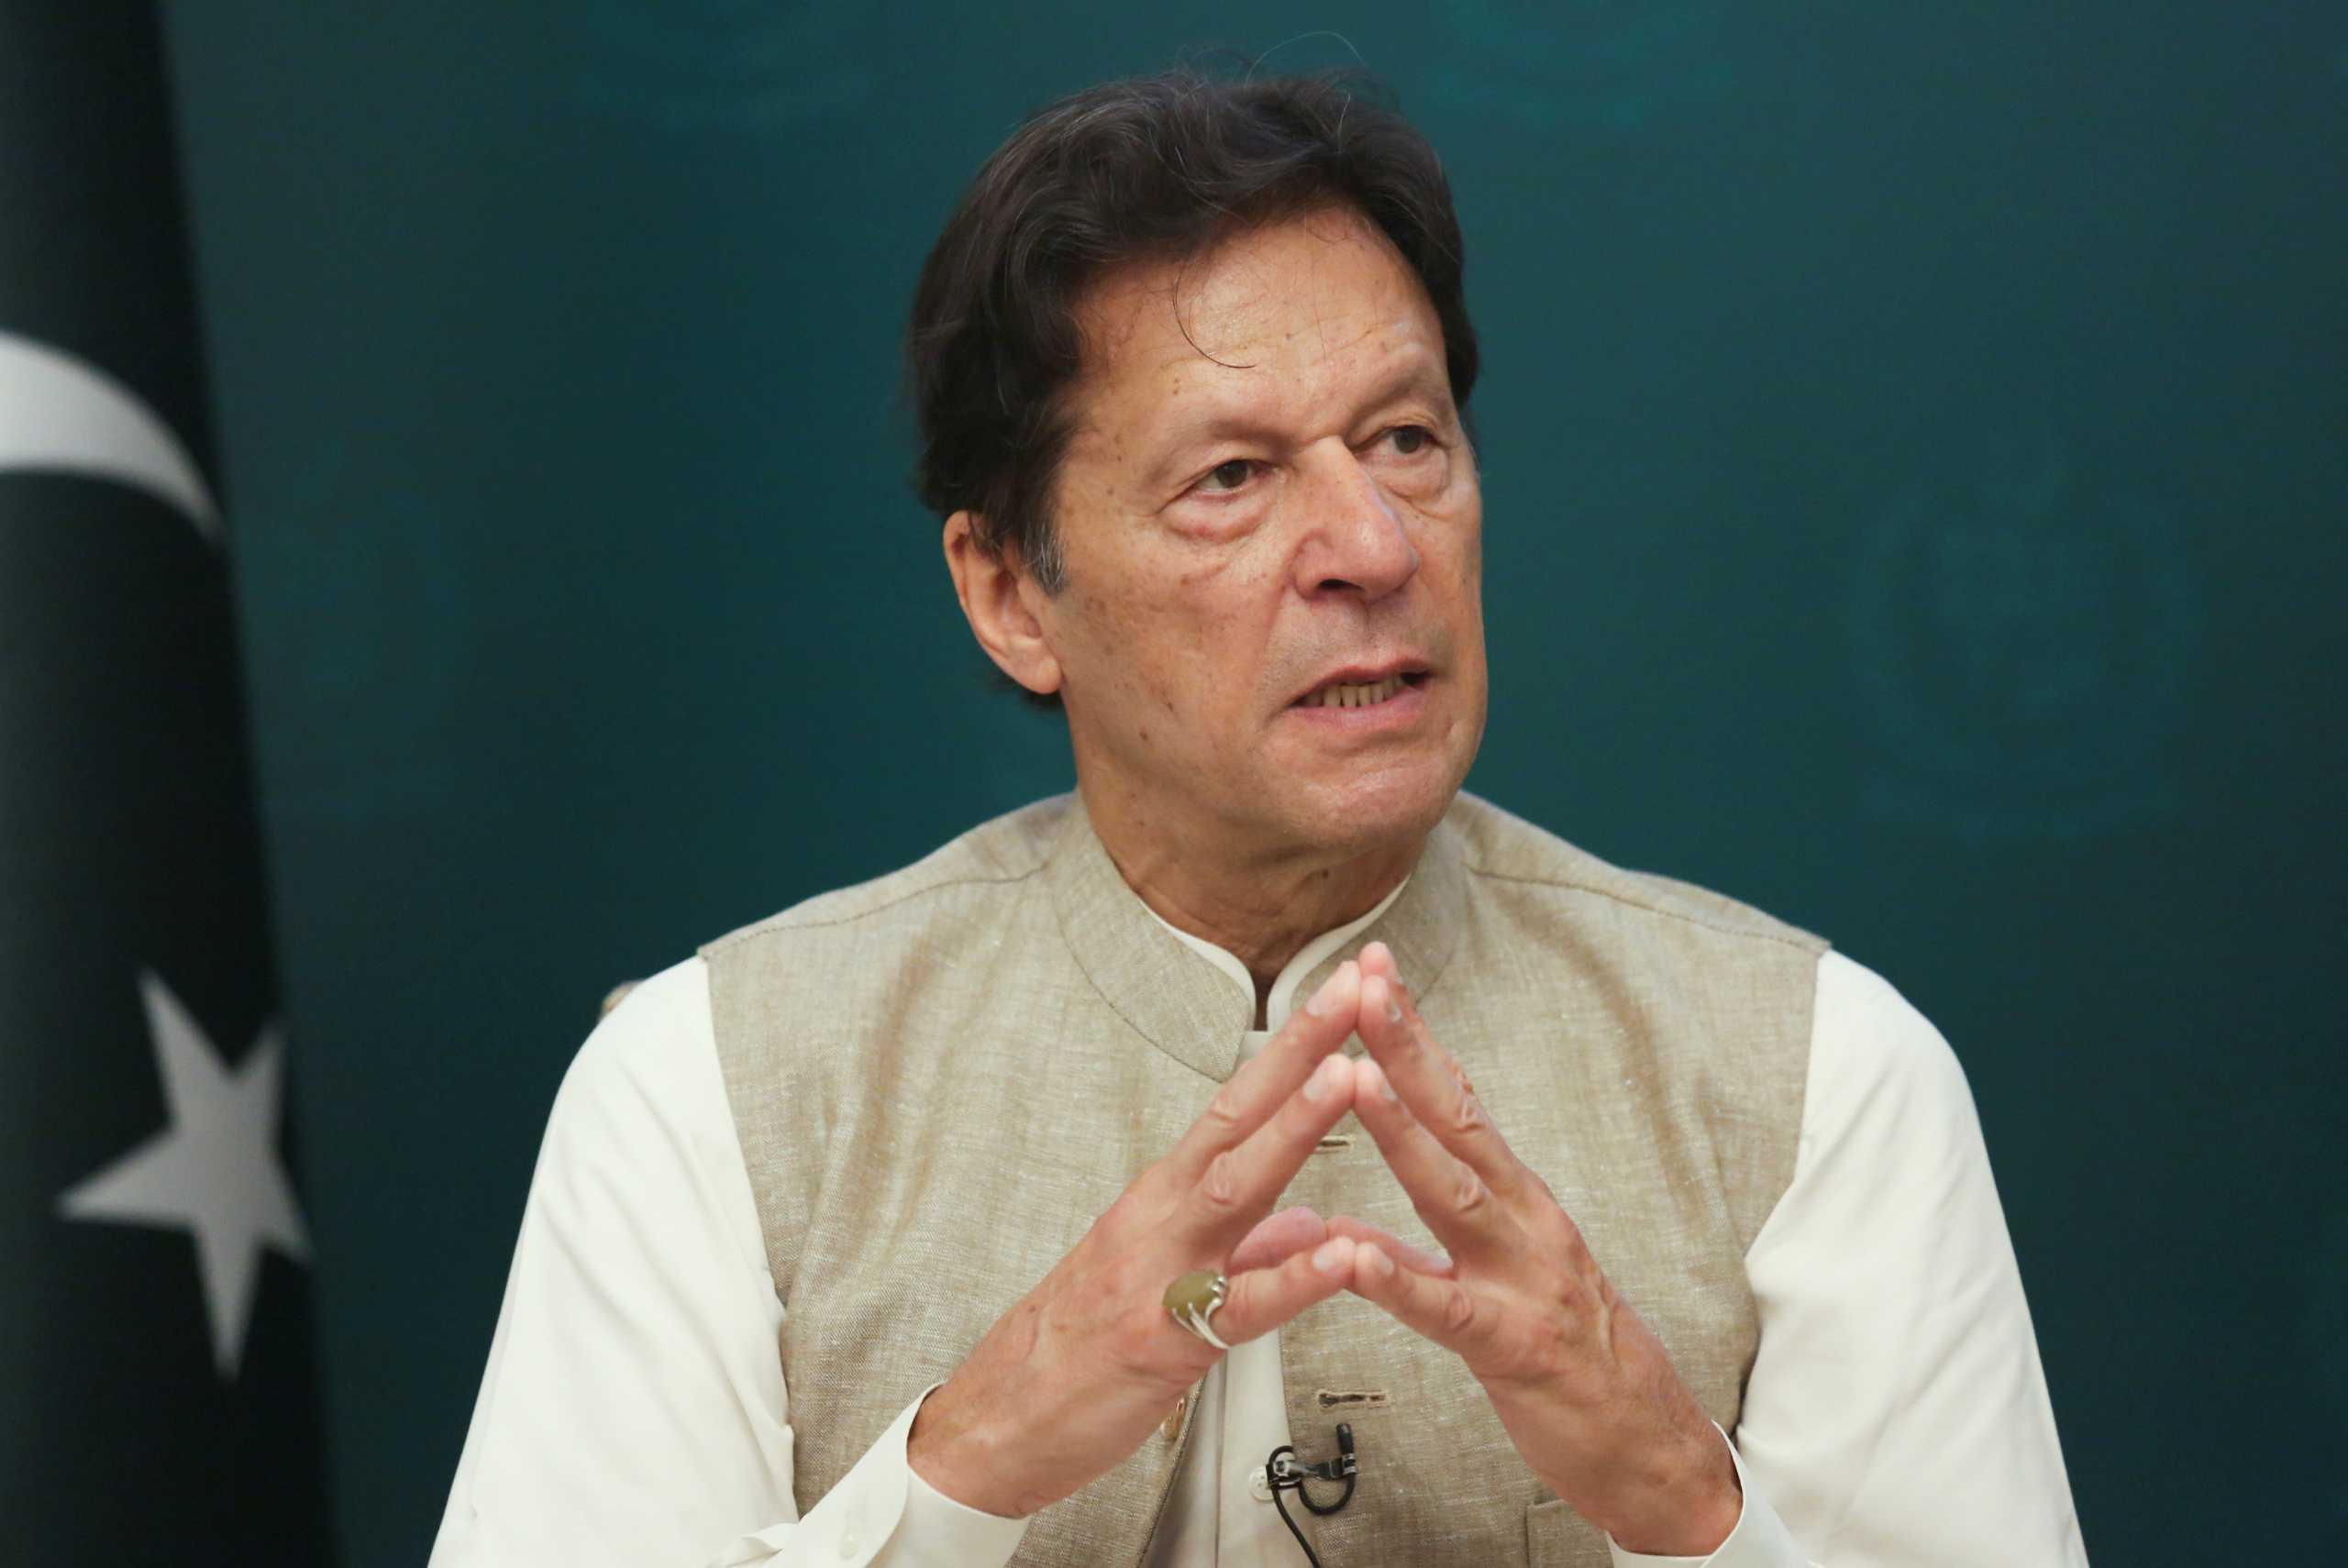 Πακιστάν: Οργή για τον πρωθυπουργό – Δήλωσε πως τα θύματα βιασμού είναι «ελαφρά ντυμένα»